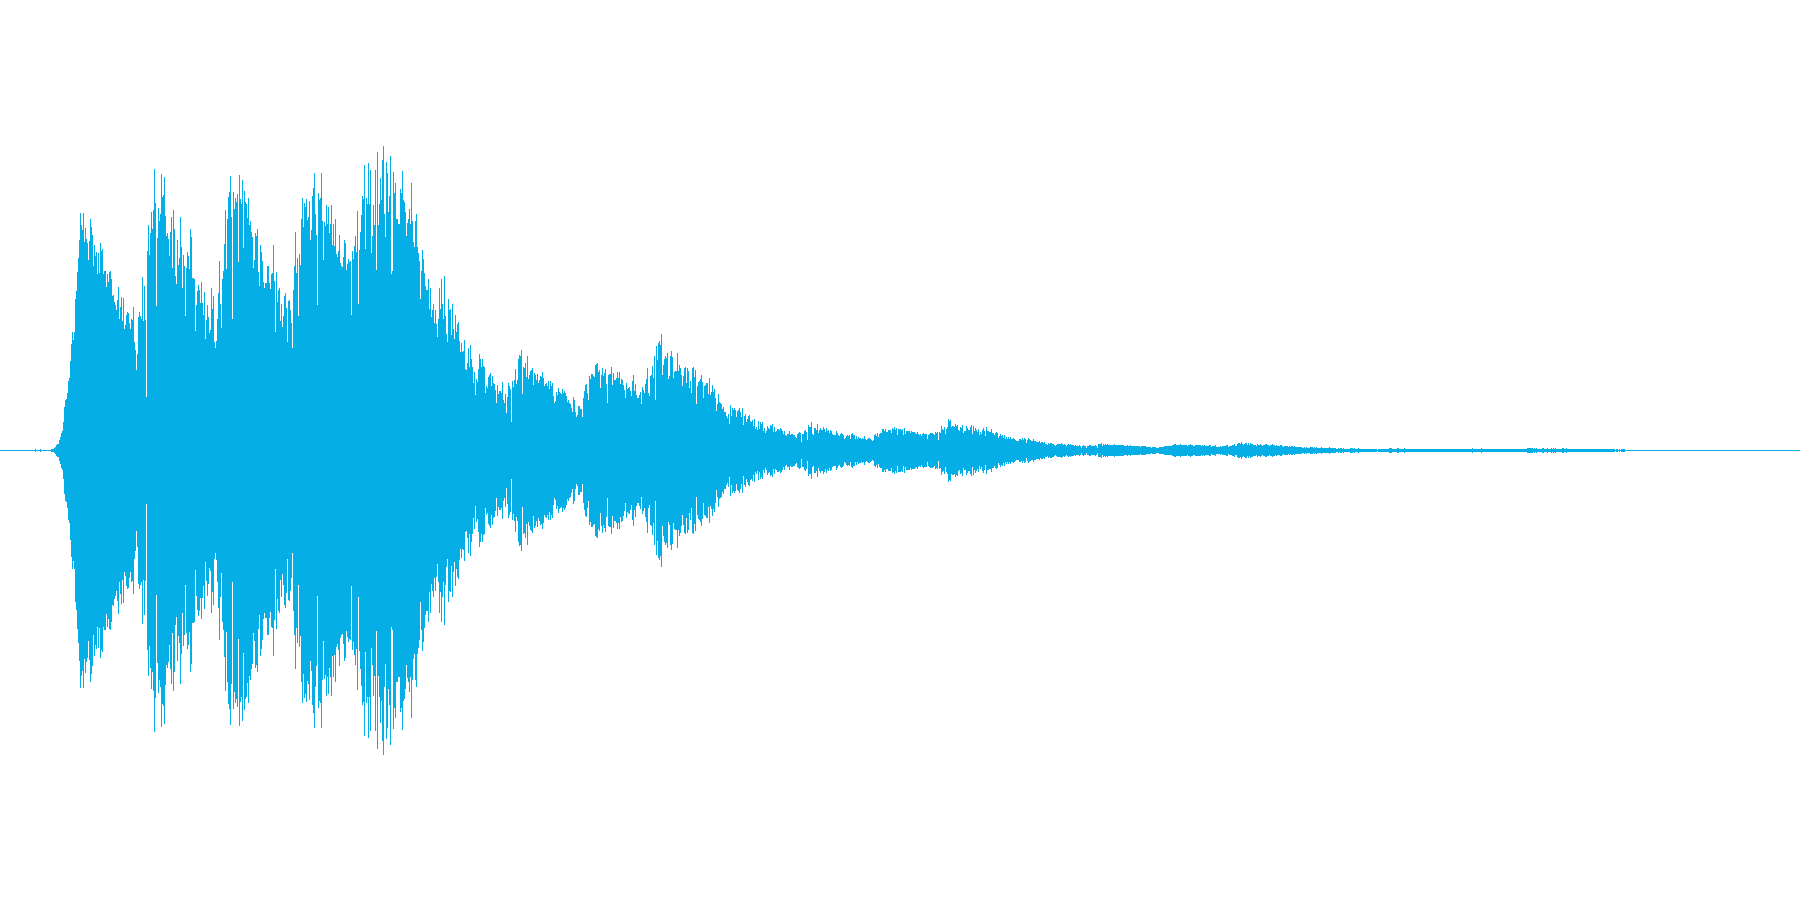 ファミコン風効果音 キャンセル系 01の再生済みの波形